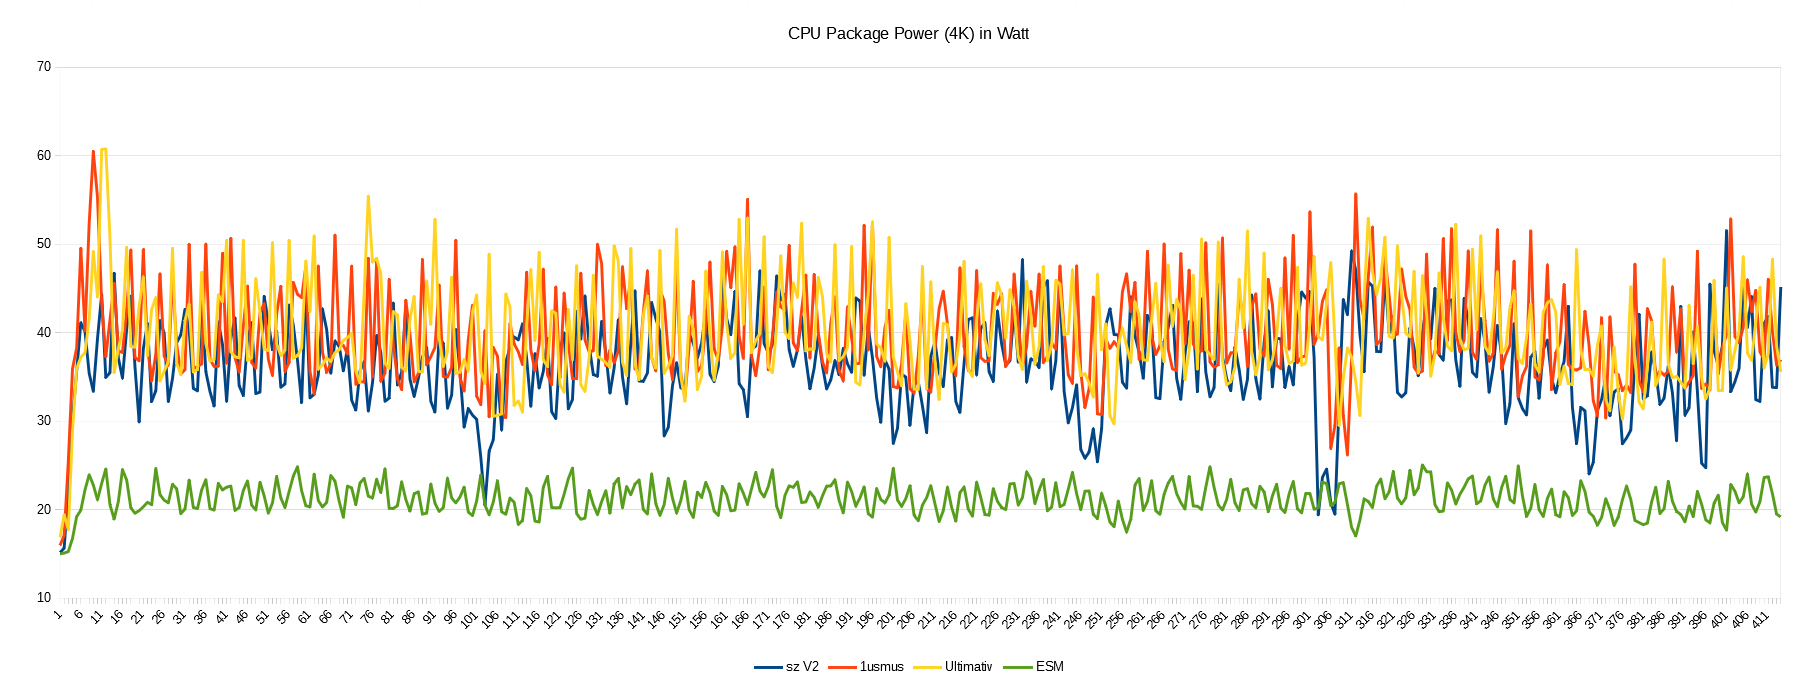 cb_szV2_4K_packagepower.jpg